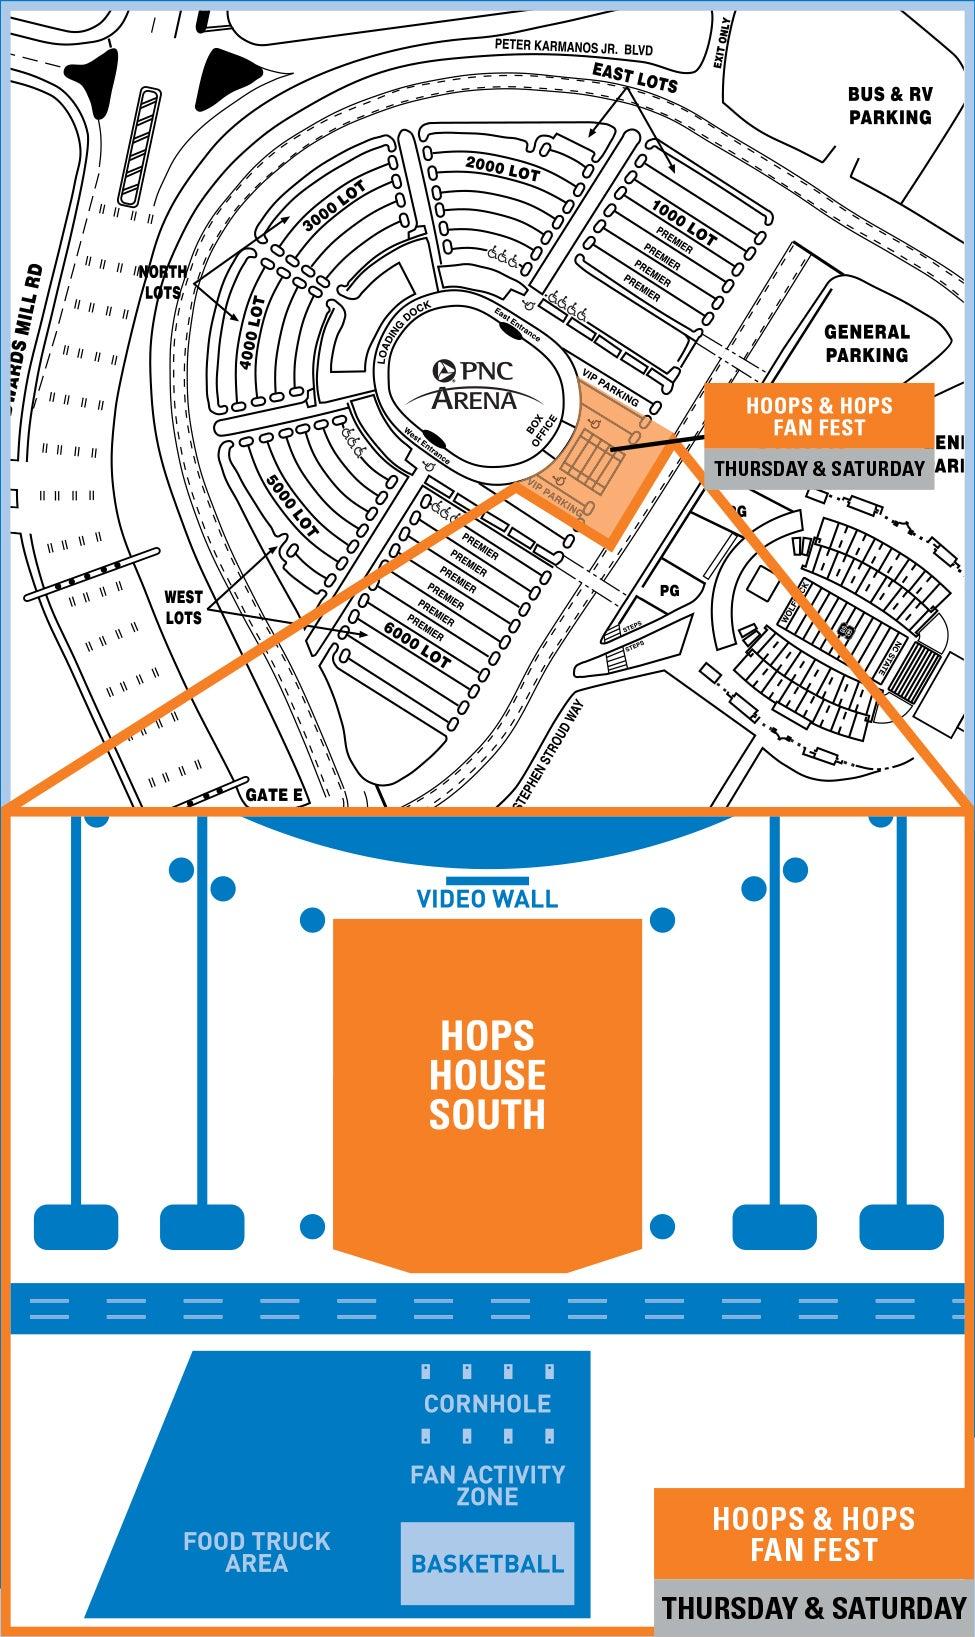 HoopsHops16_Map.jpg